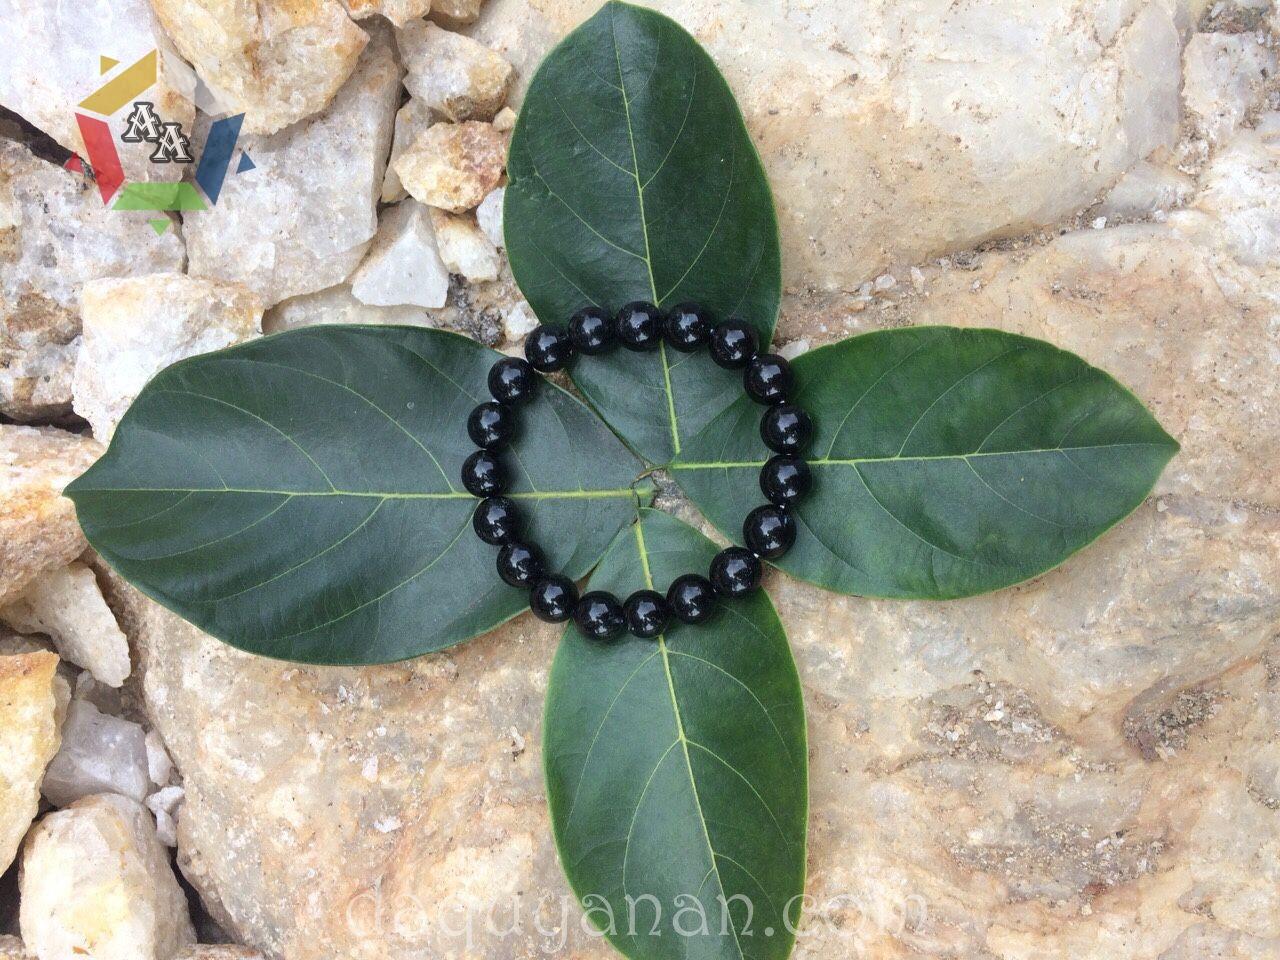 Vòng tay Onyx đen - hợp mệnh với người mệnh Thủy, Mộc tại Đá quý An An